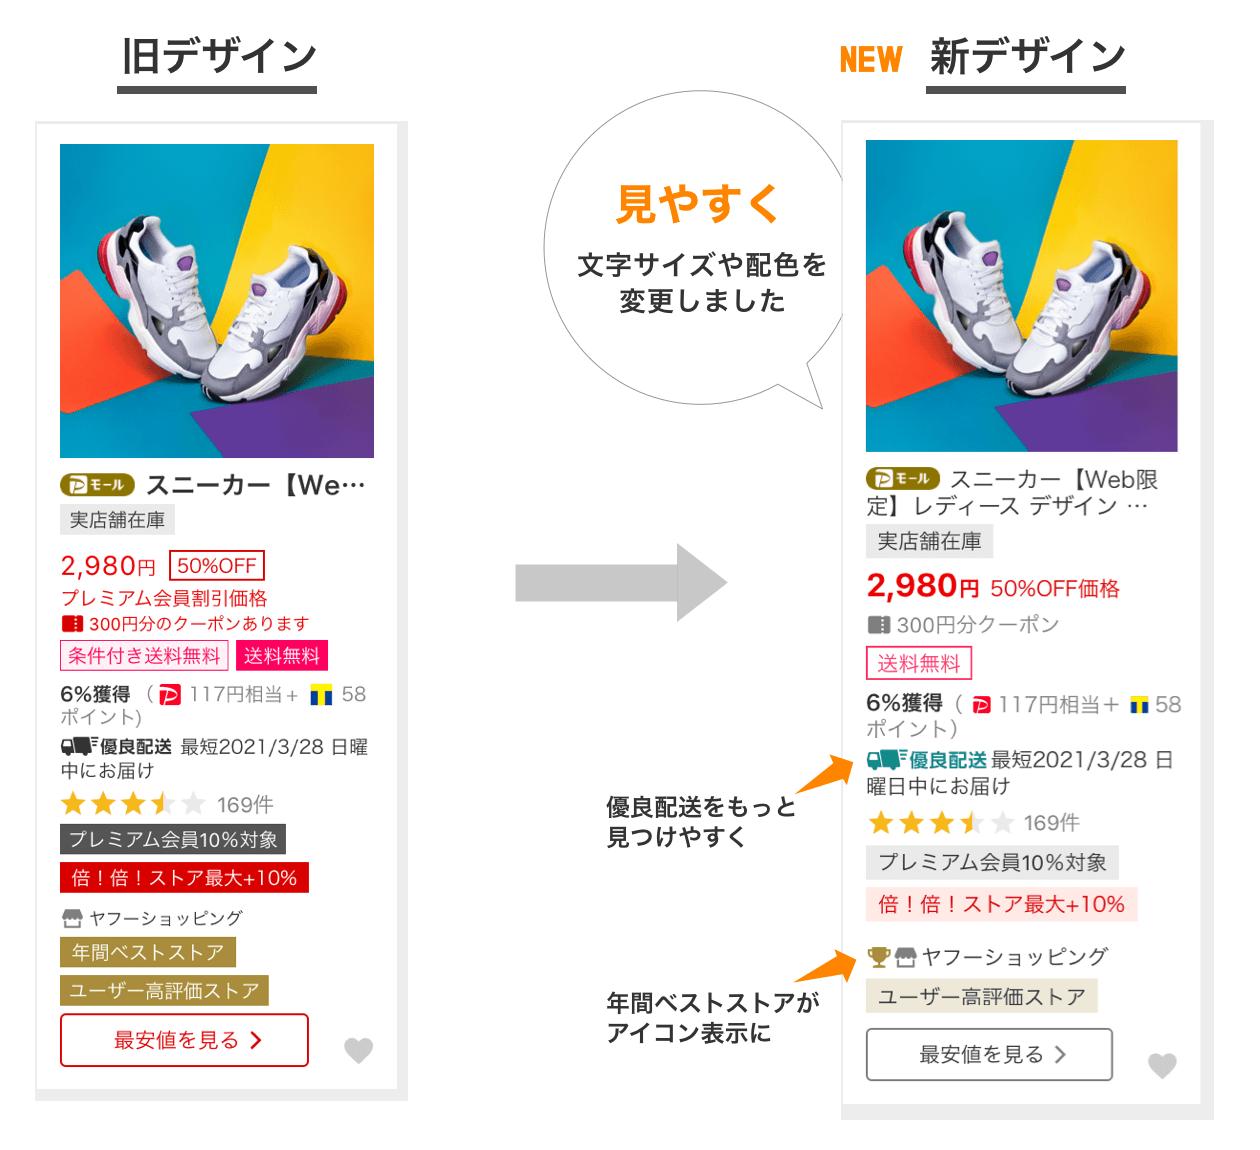 Yahoo!ショッピング検索結果ページ、デザインリニューアル